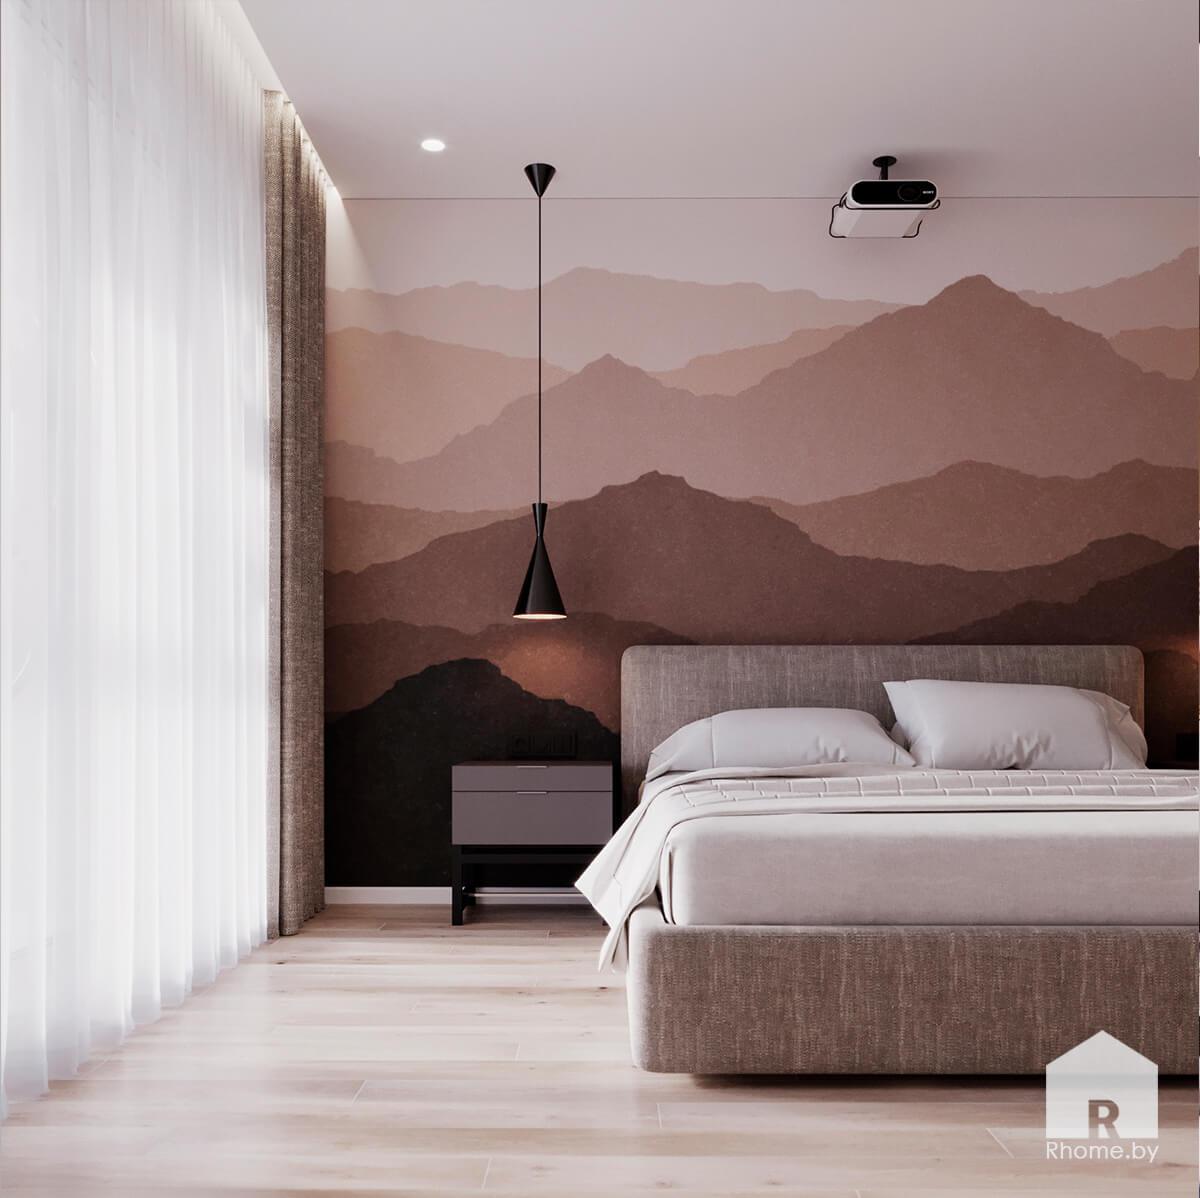 Квартира в Новой Боровой. Светлая спальня с настенной росписью, проектор в спальне, горы на стене